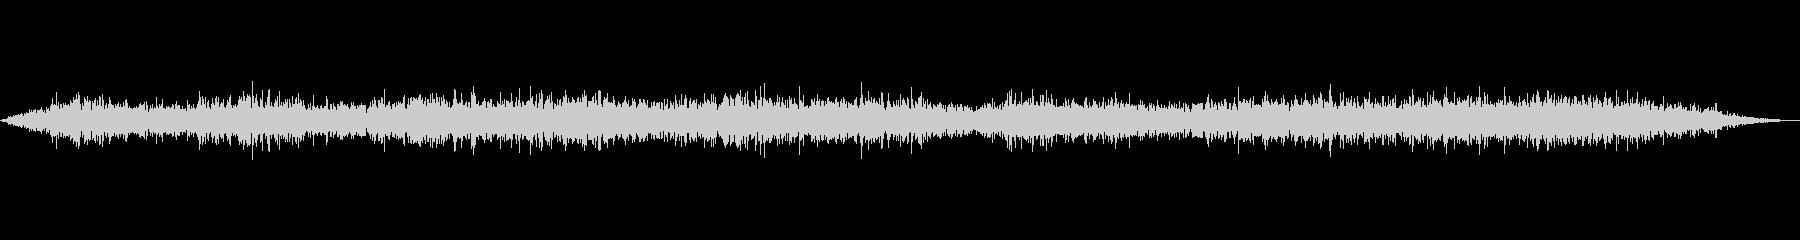 ガスブロートーチ-ガス燃焼の未再生の波形